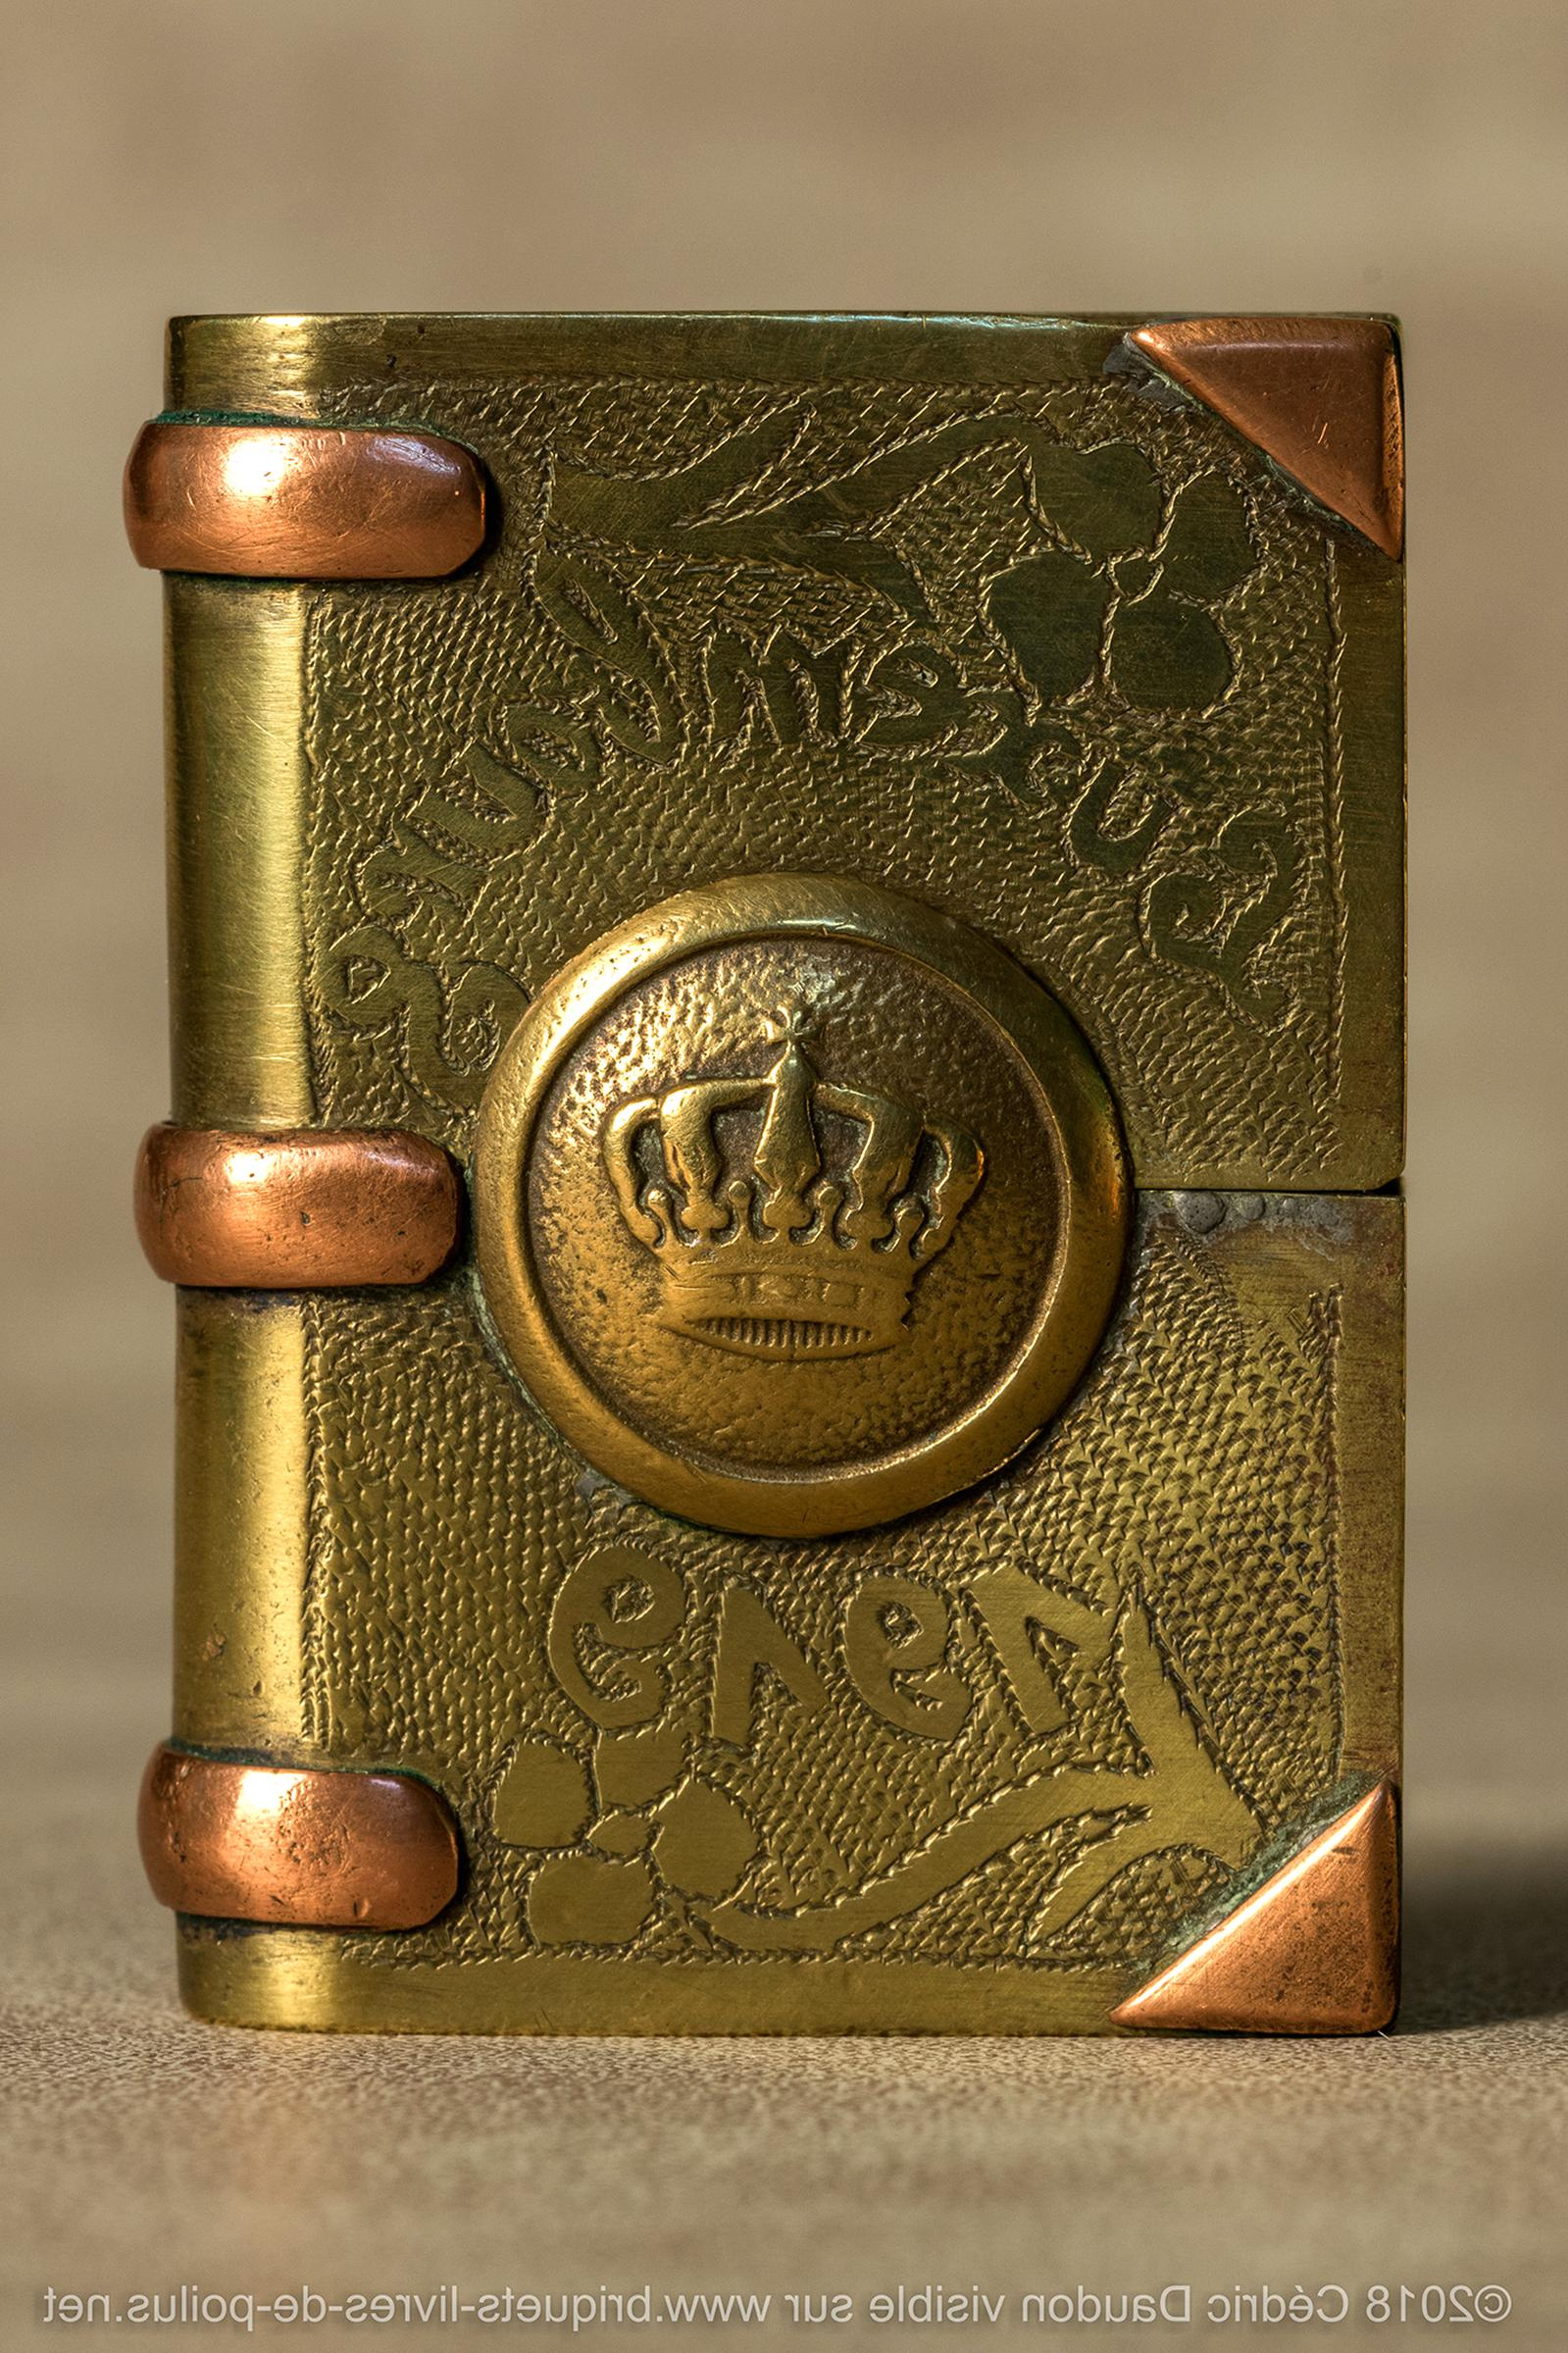 Orig Vintage STERLING SILVER NASSAU LIGHTER - Depuis eBay- Orig.